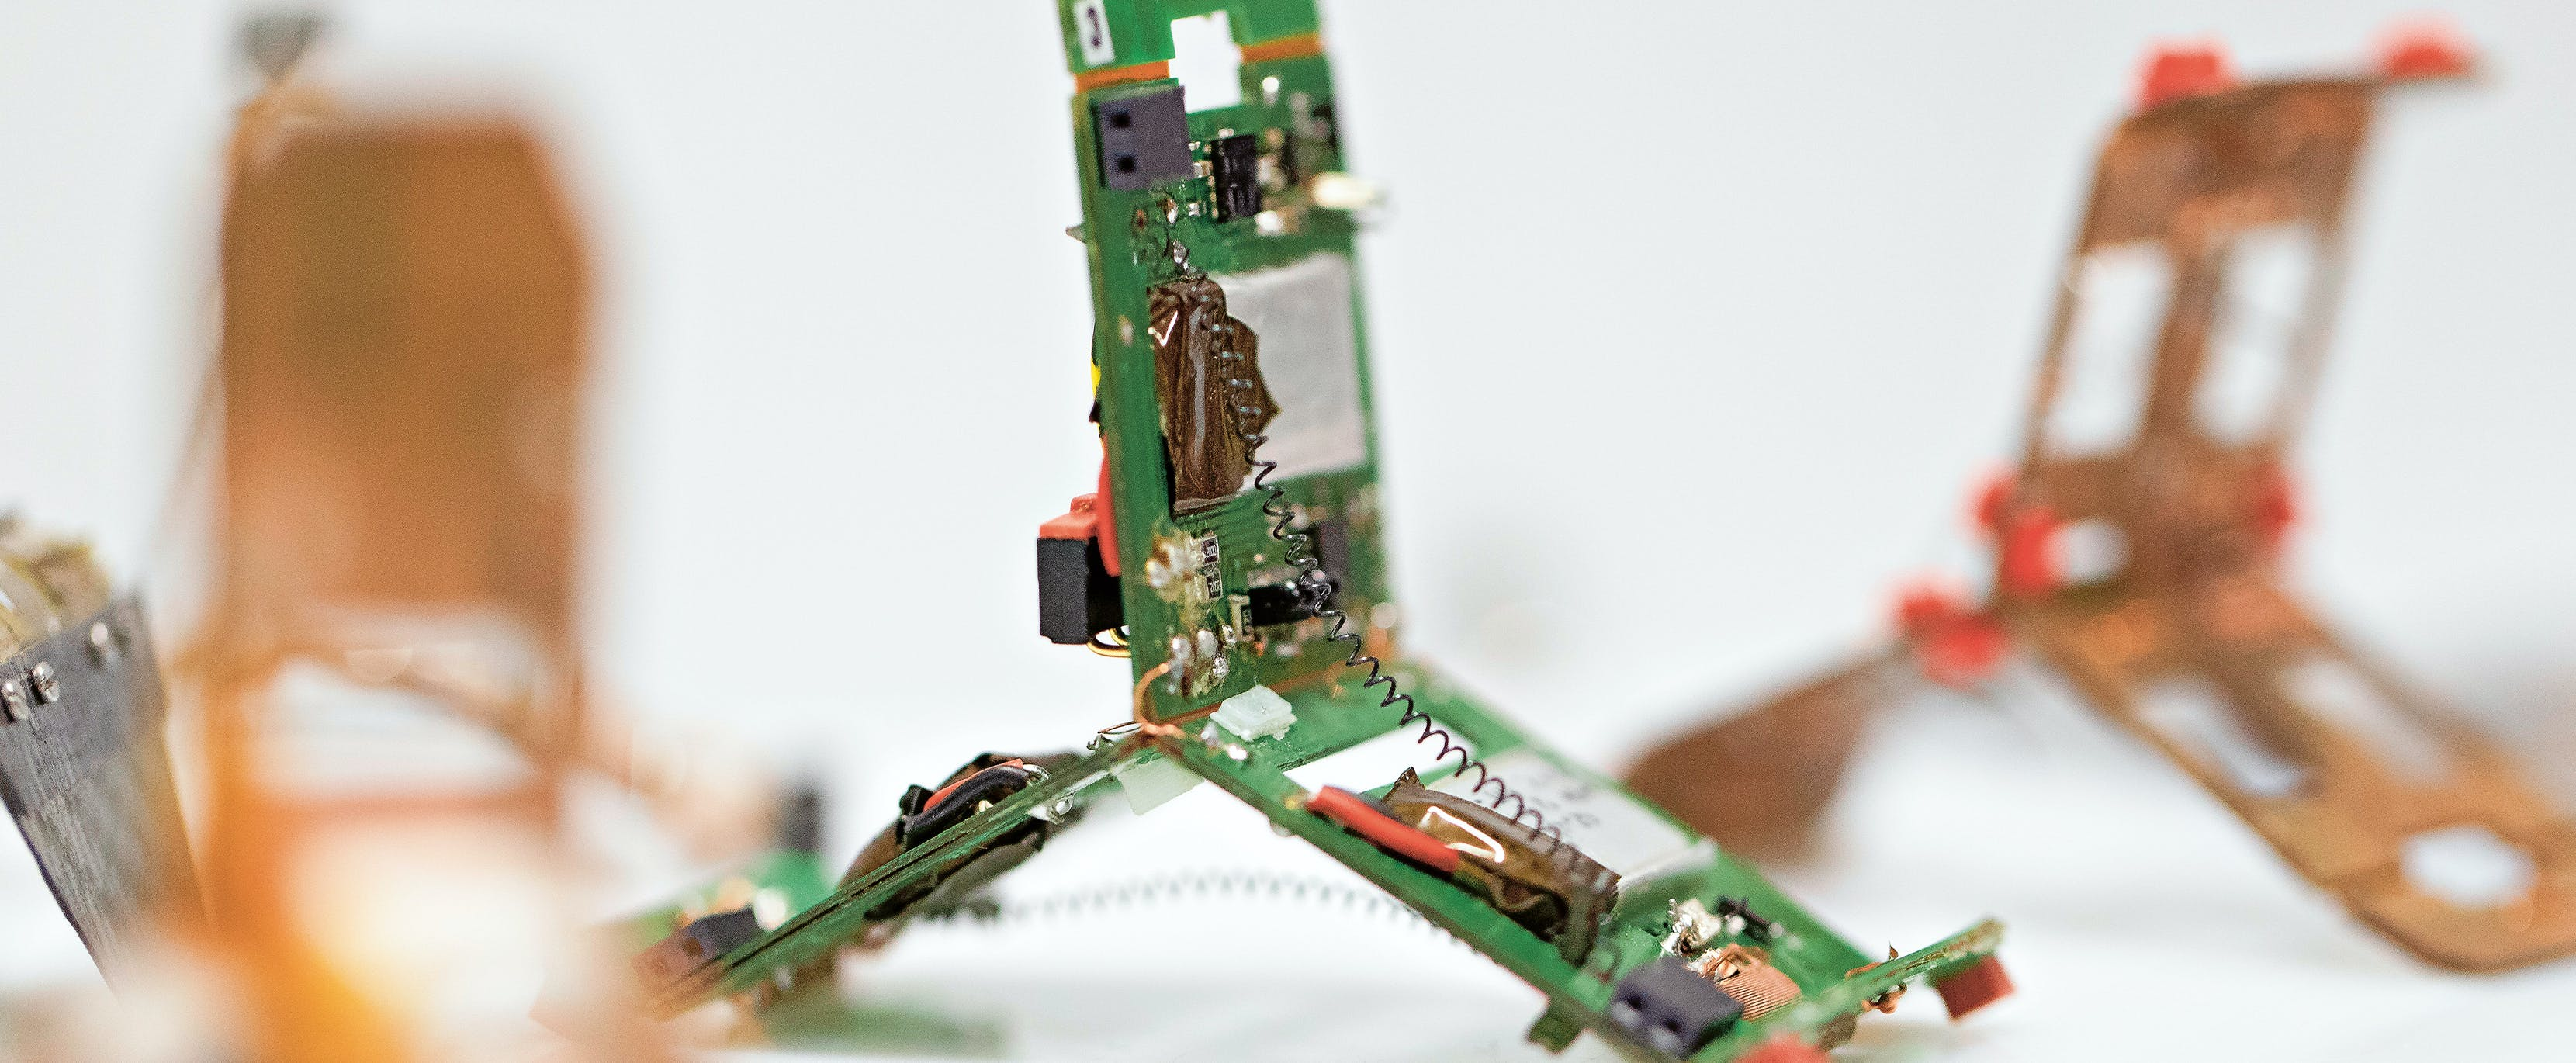 So sieht ein Tribot im Detail aus